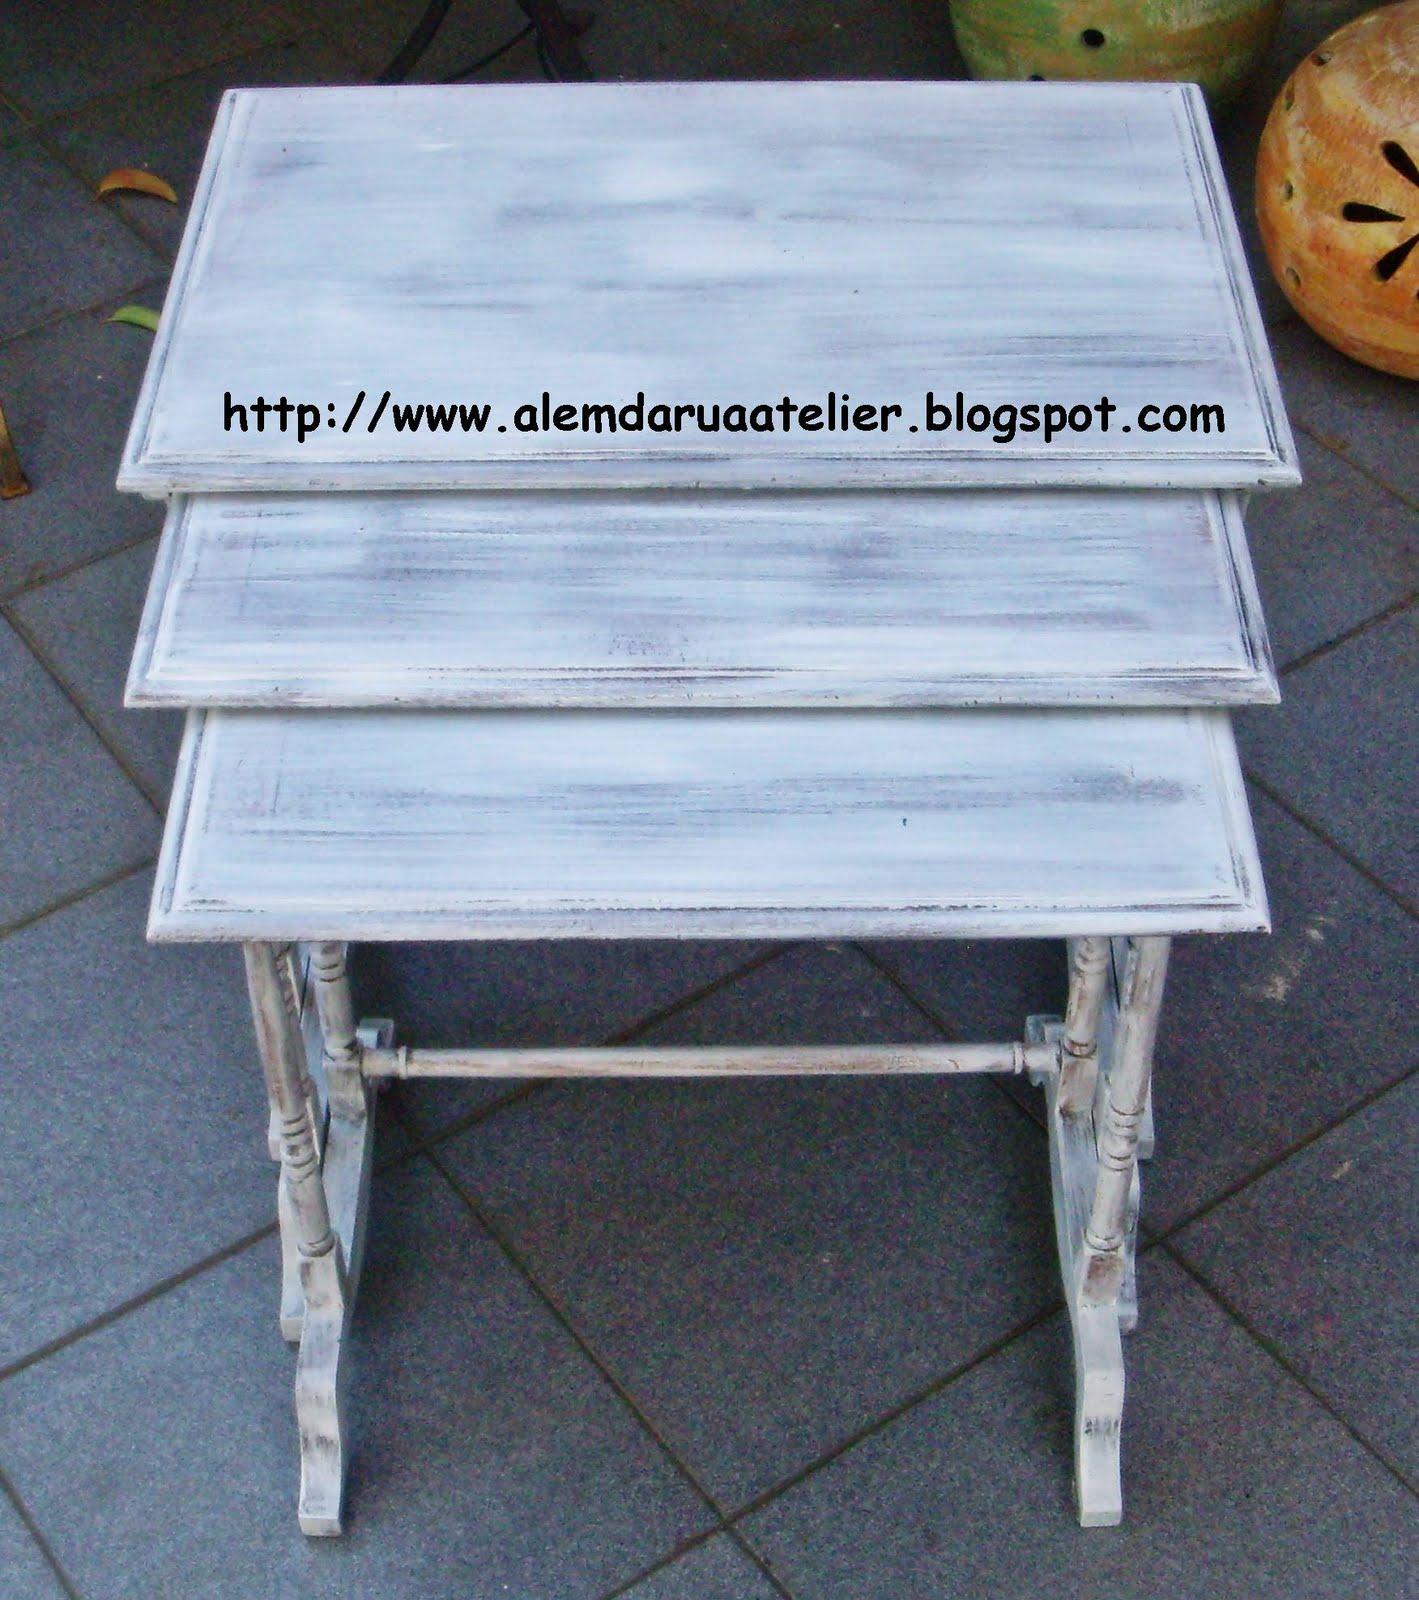 Pátina em banco e trio de mesas de madeira – Antes e depois  #734928 1419x1600